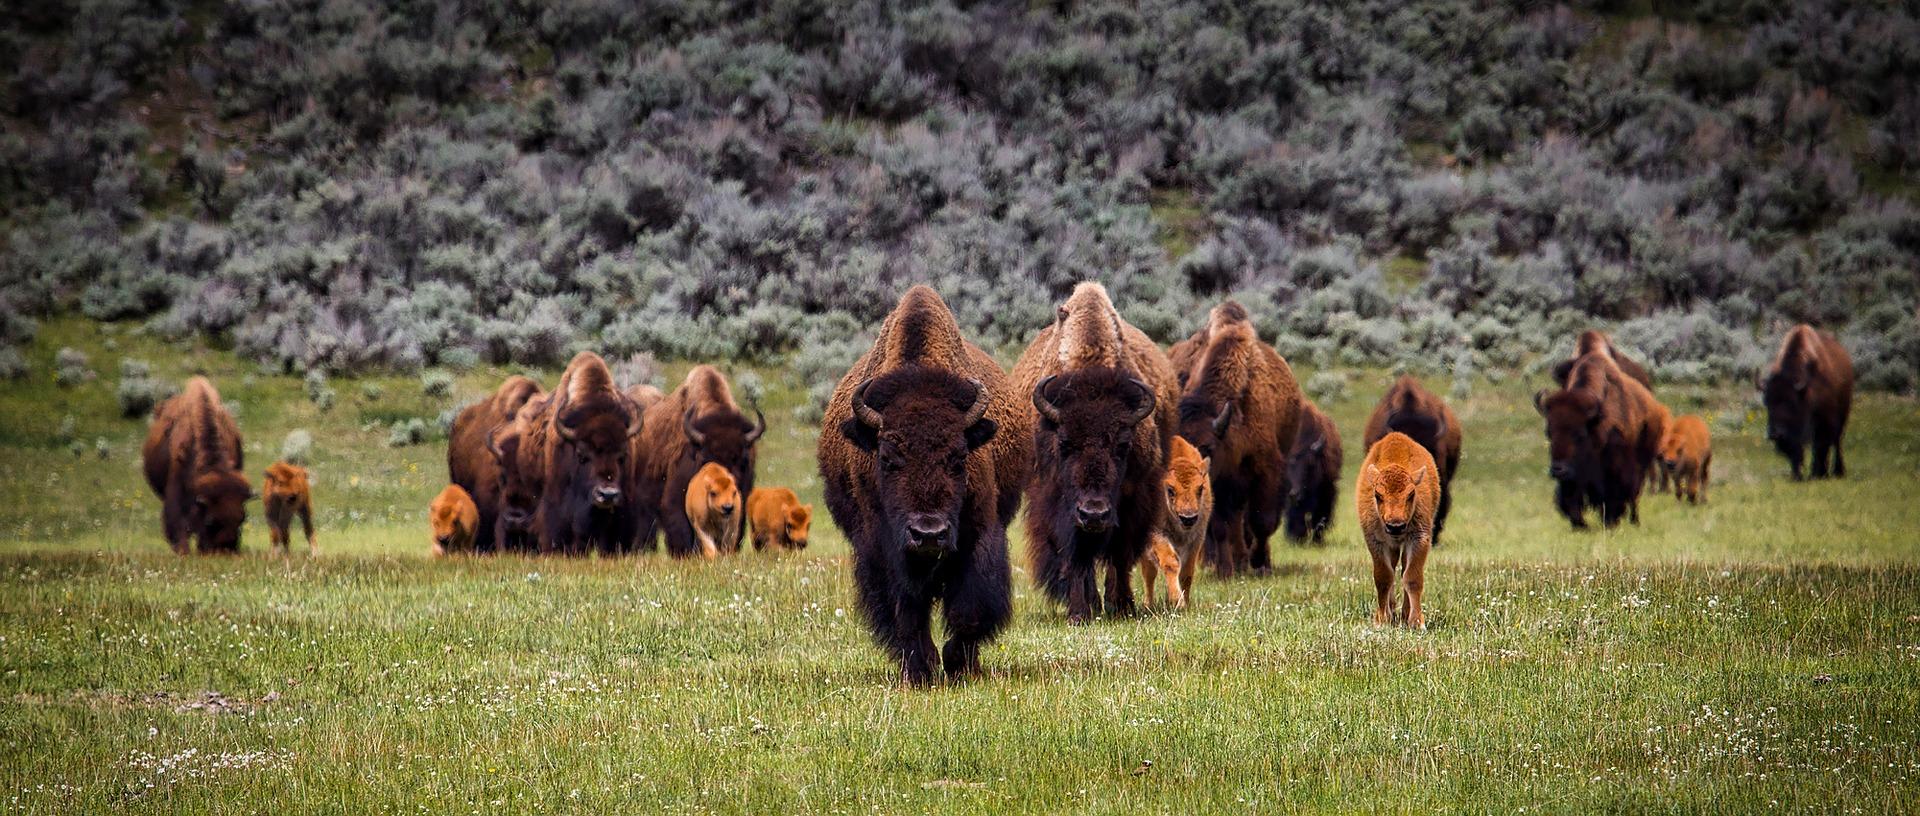 bisonokser